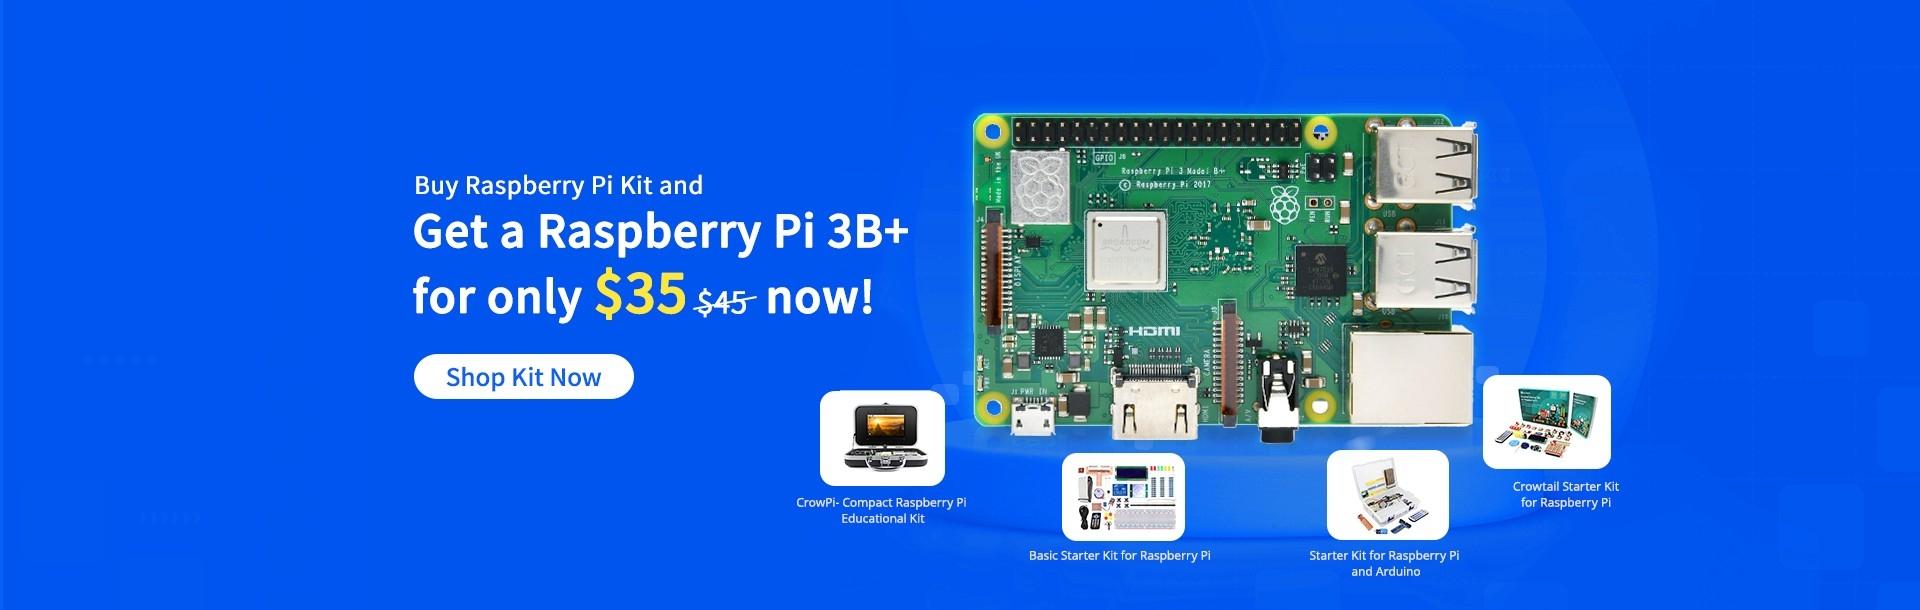 https://www.elecrow.com/raspberry-pi-3b-kit.html